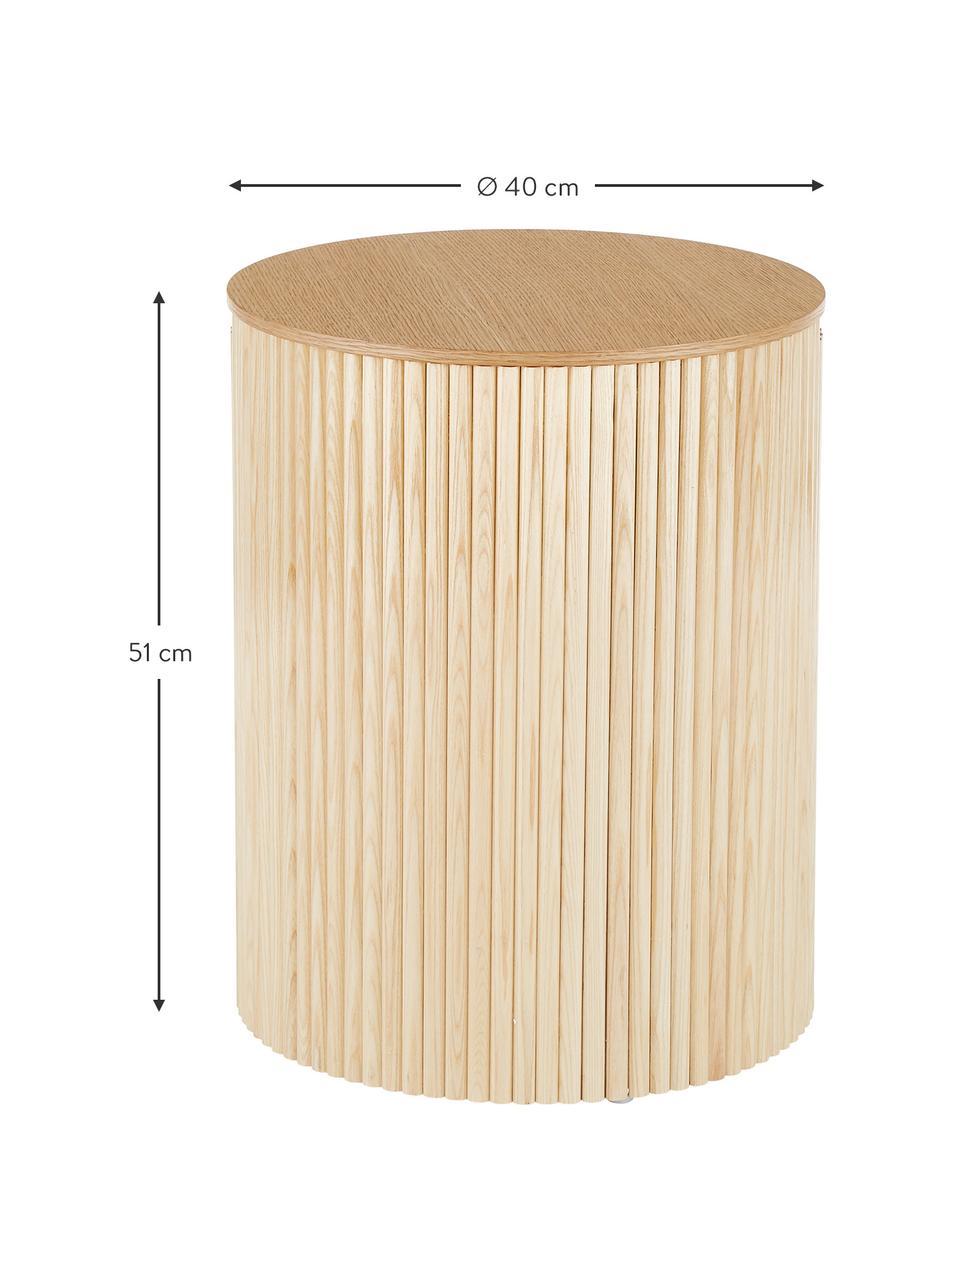 Holz-Beistelltisch Nele mit Stauraum, Mitteldichte Holzfaserplatte (MDF) mit Eschenholzfurnier, Hellbraun, Ø 40 x H 51 cm